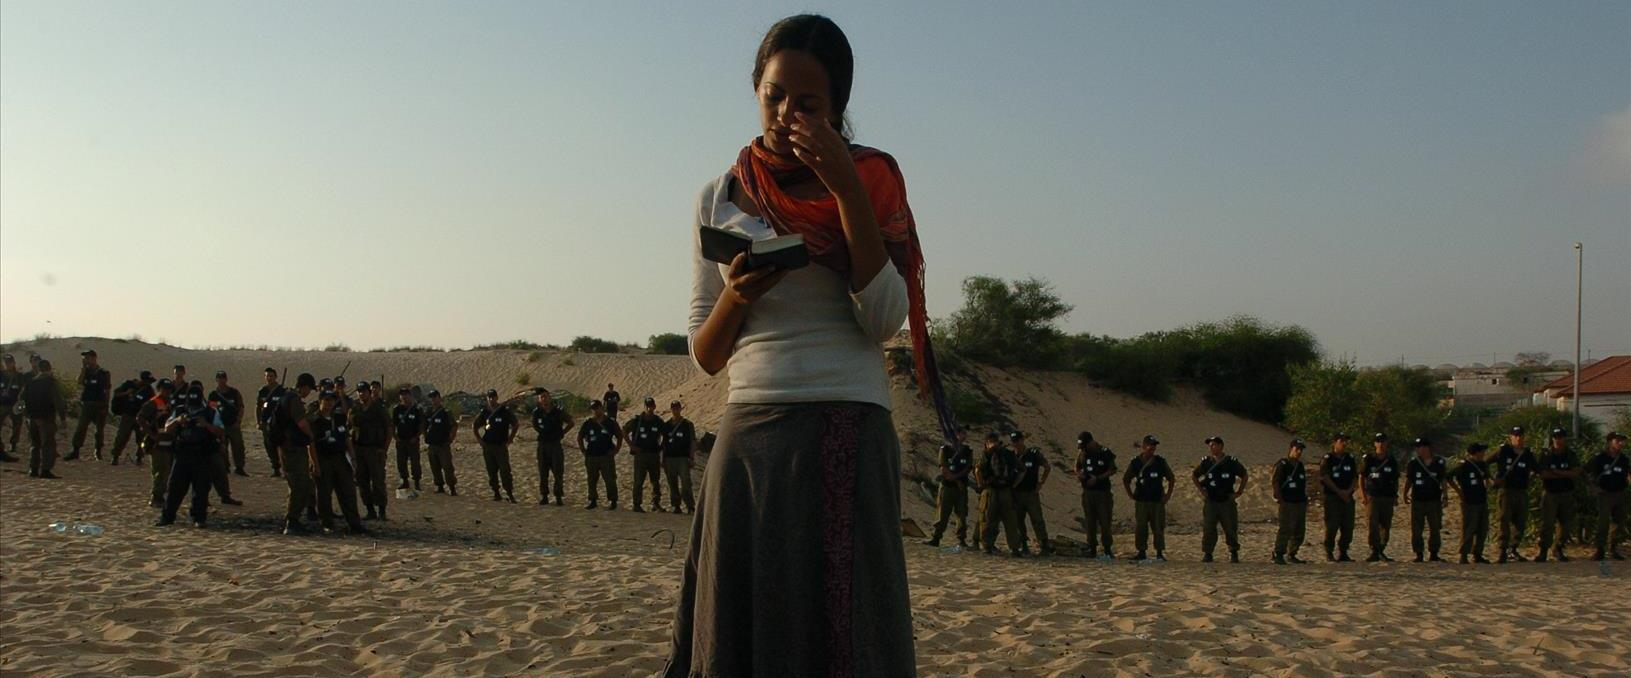 נערה מתפללת בעת פינוי בית הכנסת בנווה דקלים